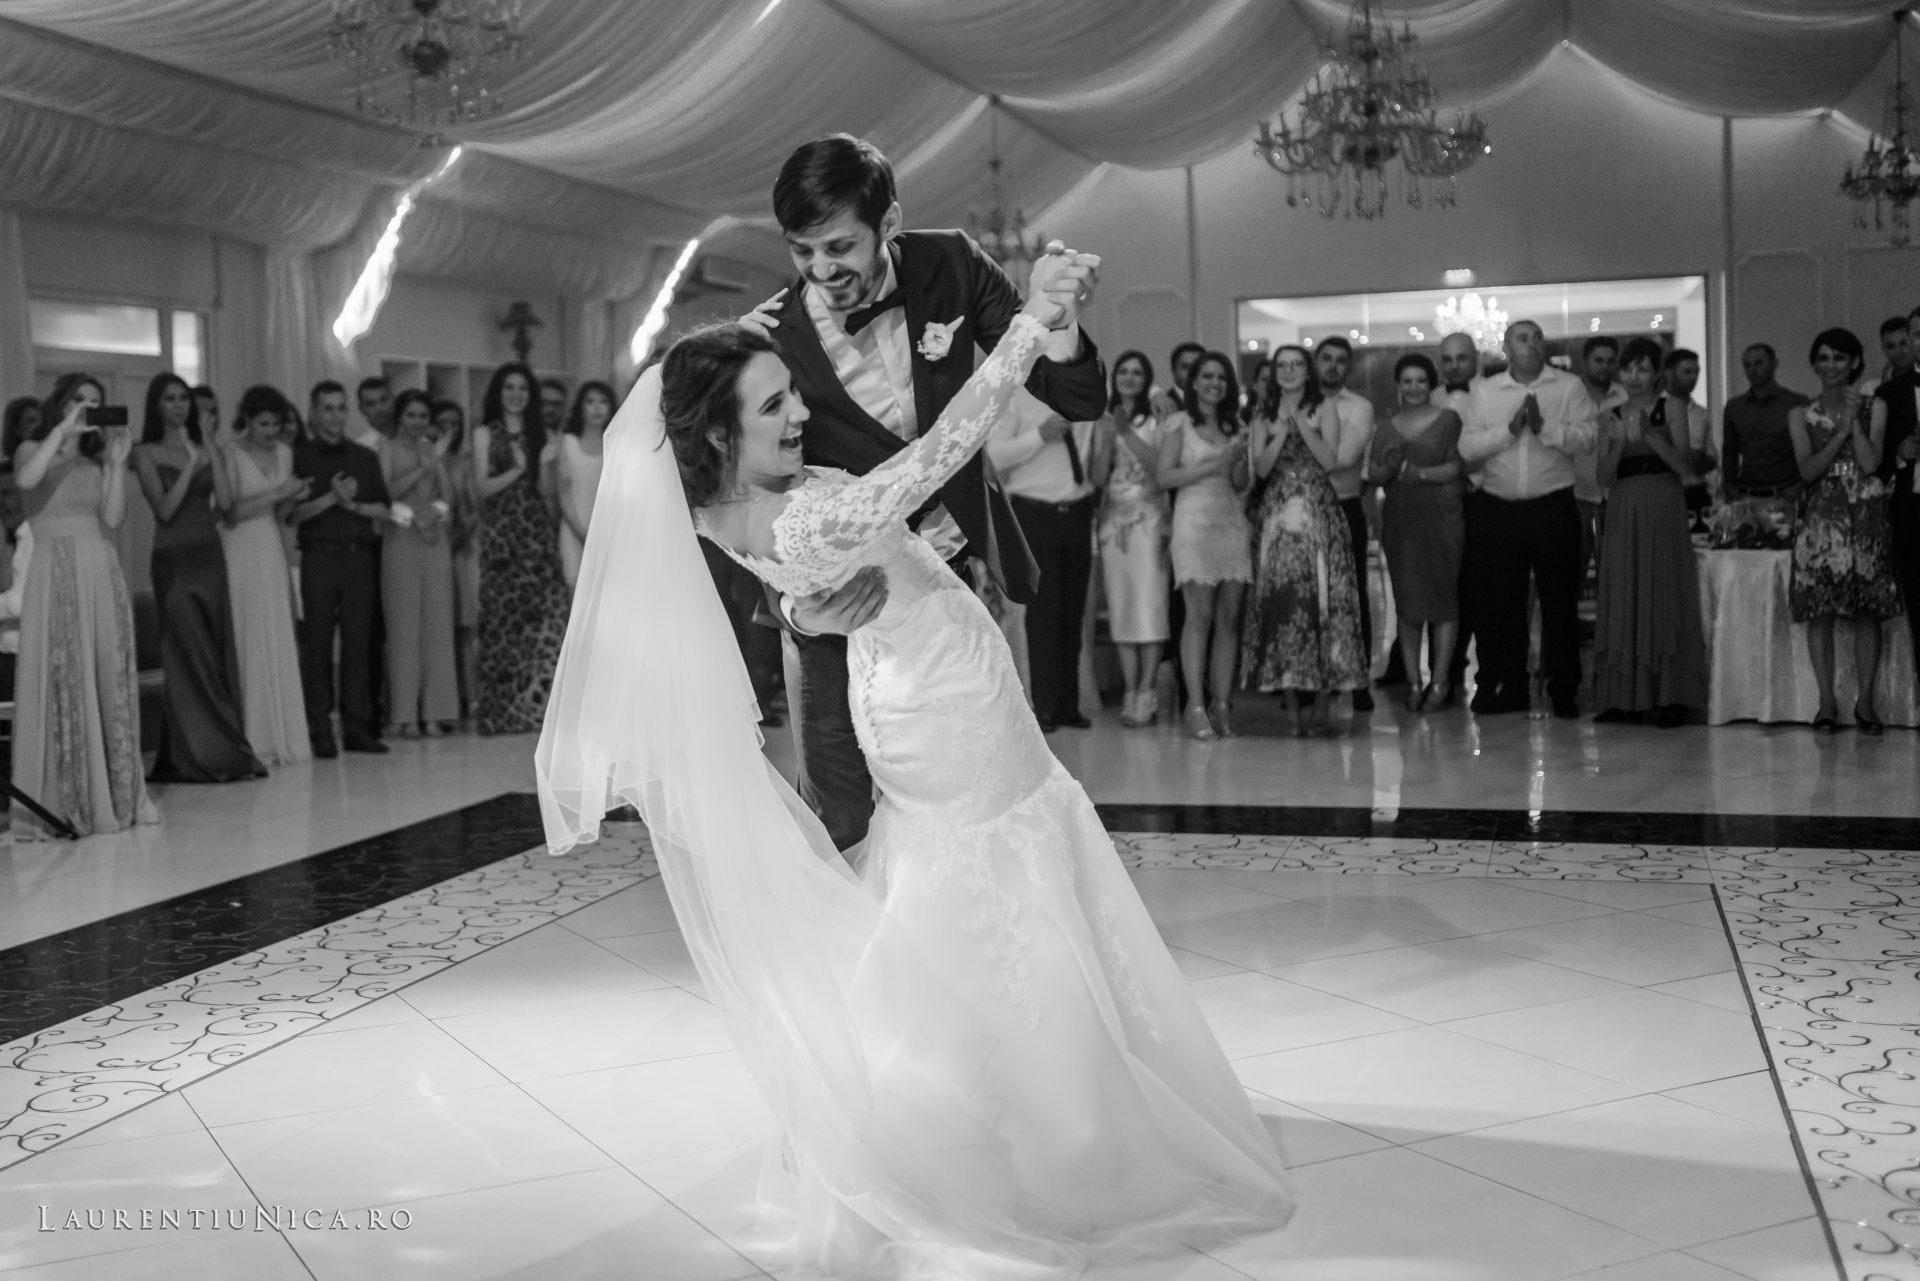 Cristina si Ovidiu nunta Craiova fotograf laurentiu nica 127 - Cristina & Ovidiu | Fotografii nunta | Craiova